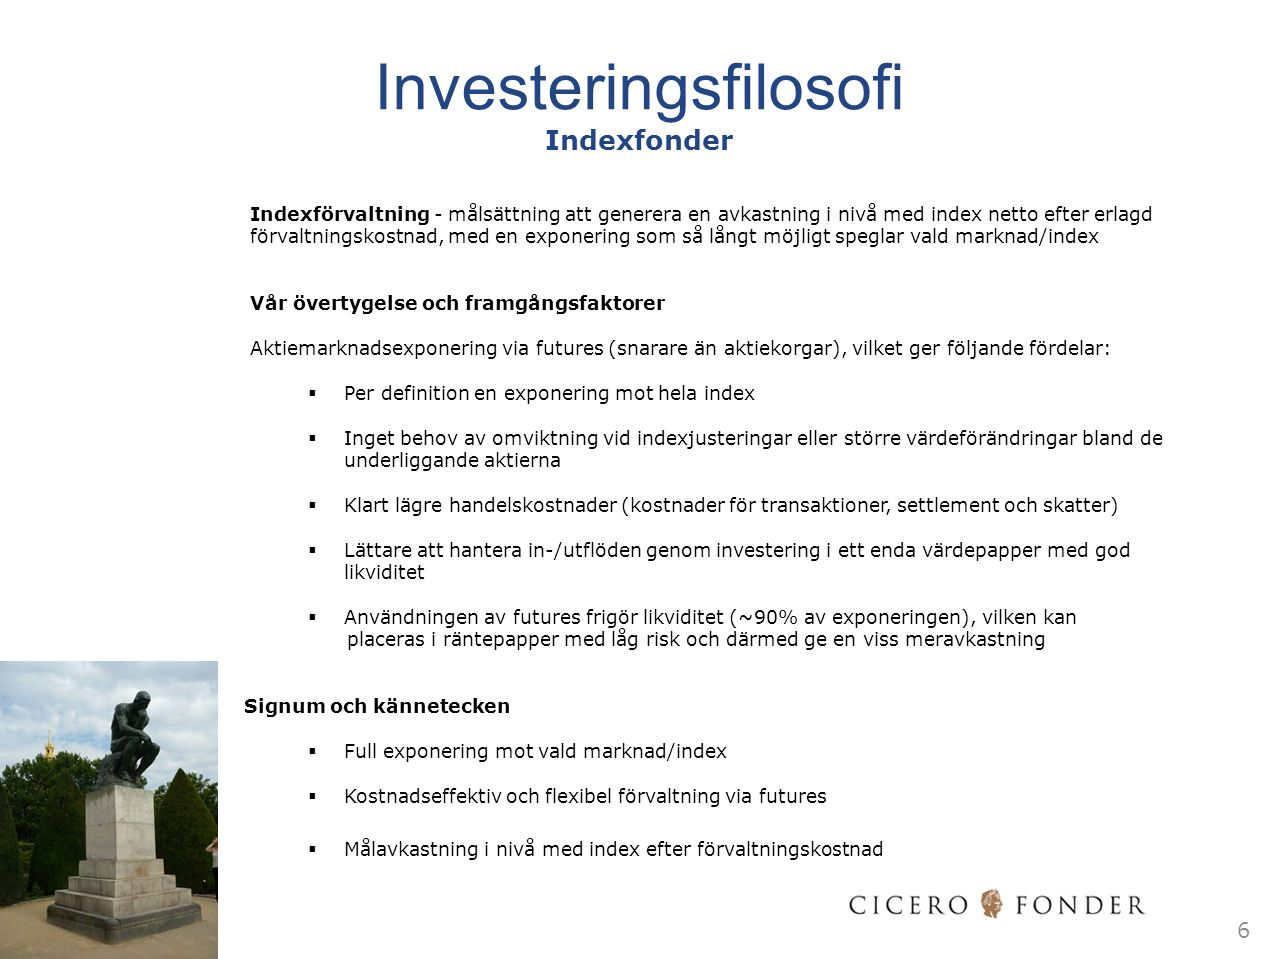 Investeringsfilosofi Indexfonder Indexförvaltning - målsättning att generera en avkastning i nivå med index netto efter erlagd förvaltningskostnad, me